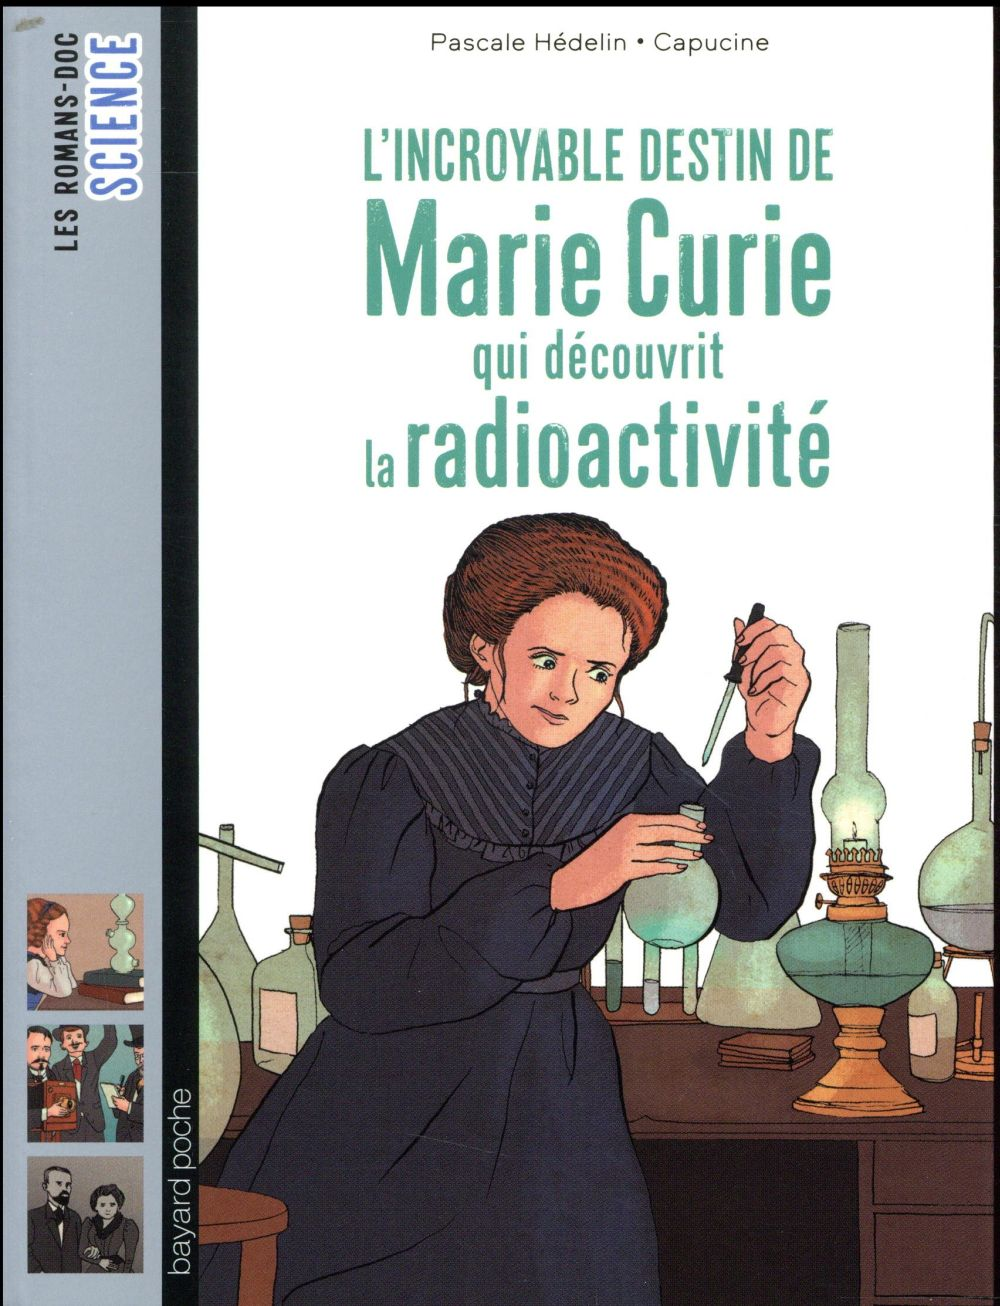 L'INCROYABLE DESTIN DE MARIE CURIE, QUI DECOUVRIT LA RADIOACTIVITE